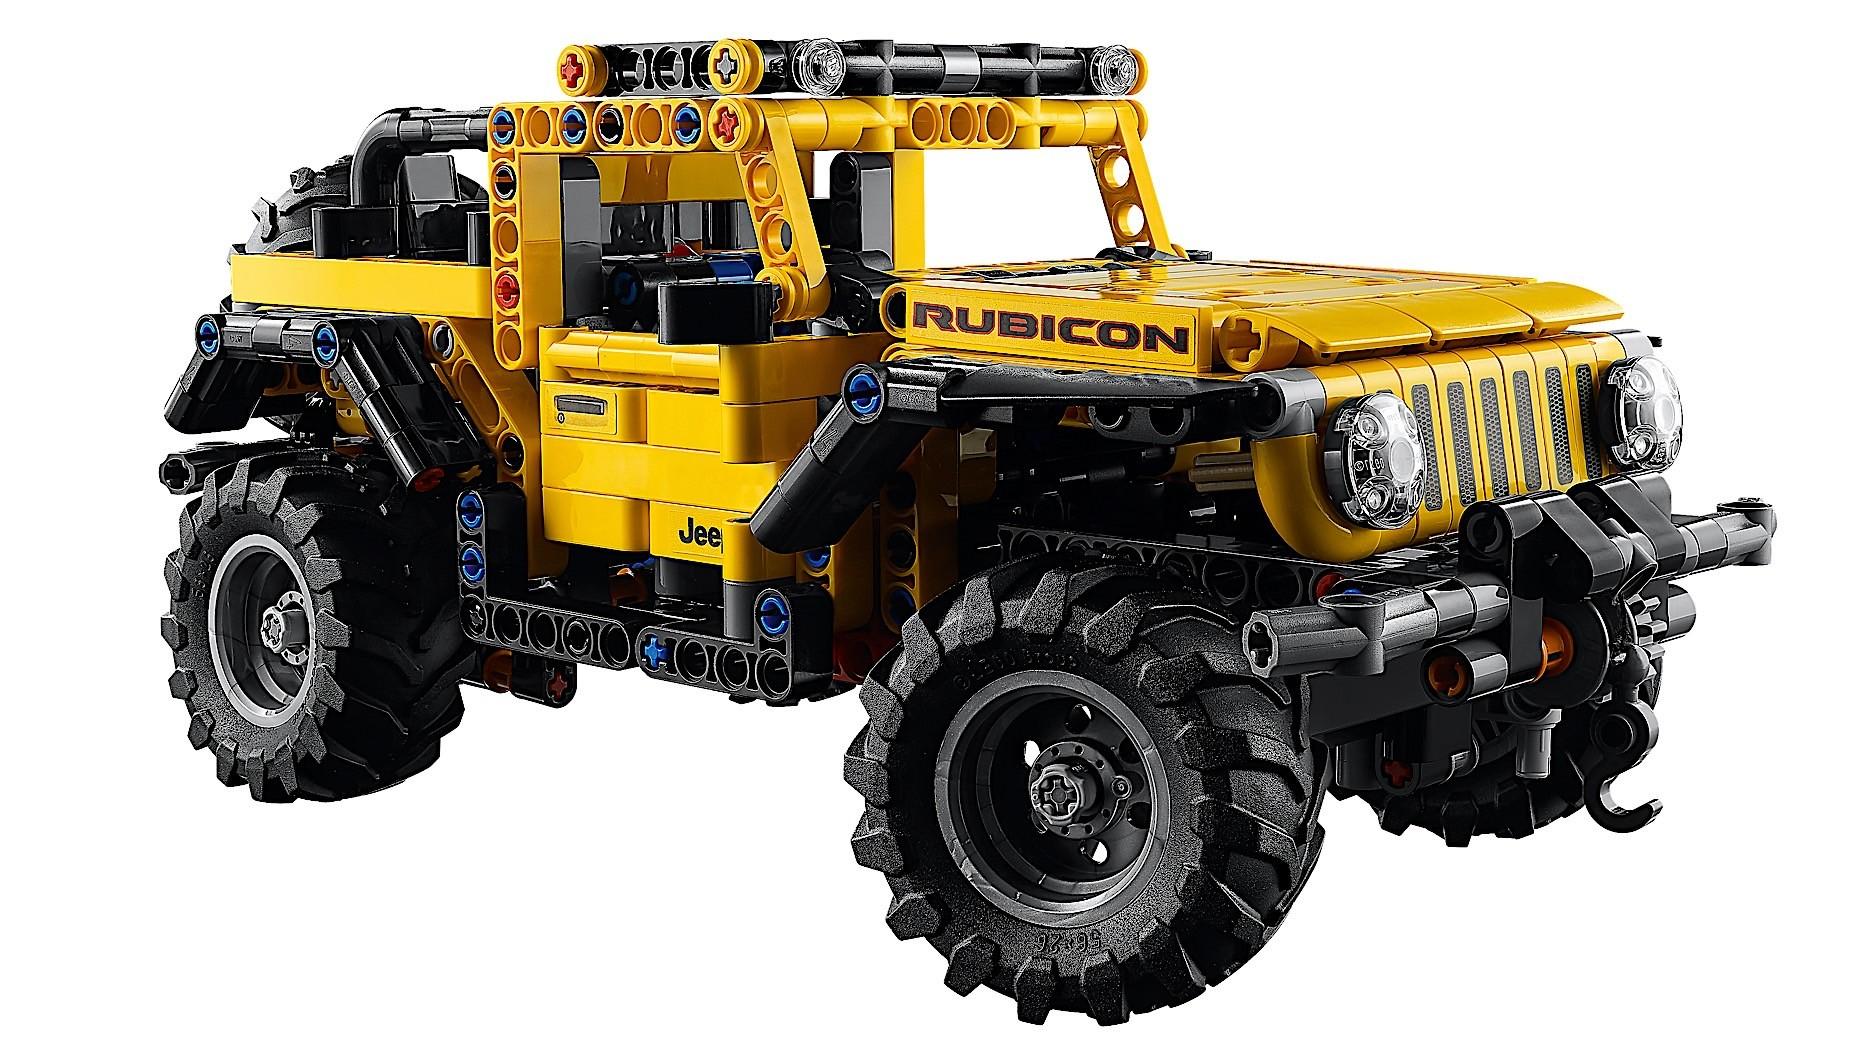 Lego-Technic-Jeep-Wrangler-Rubicon-7